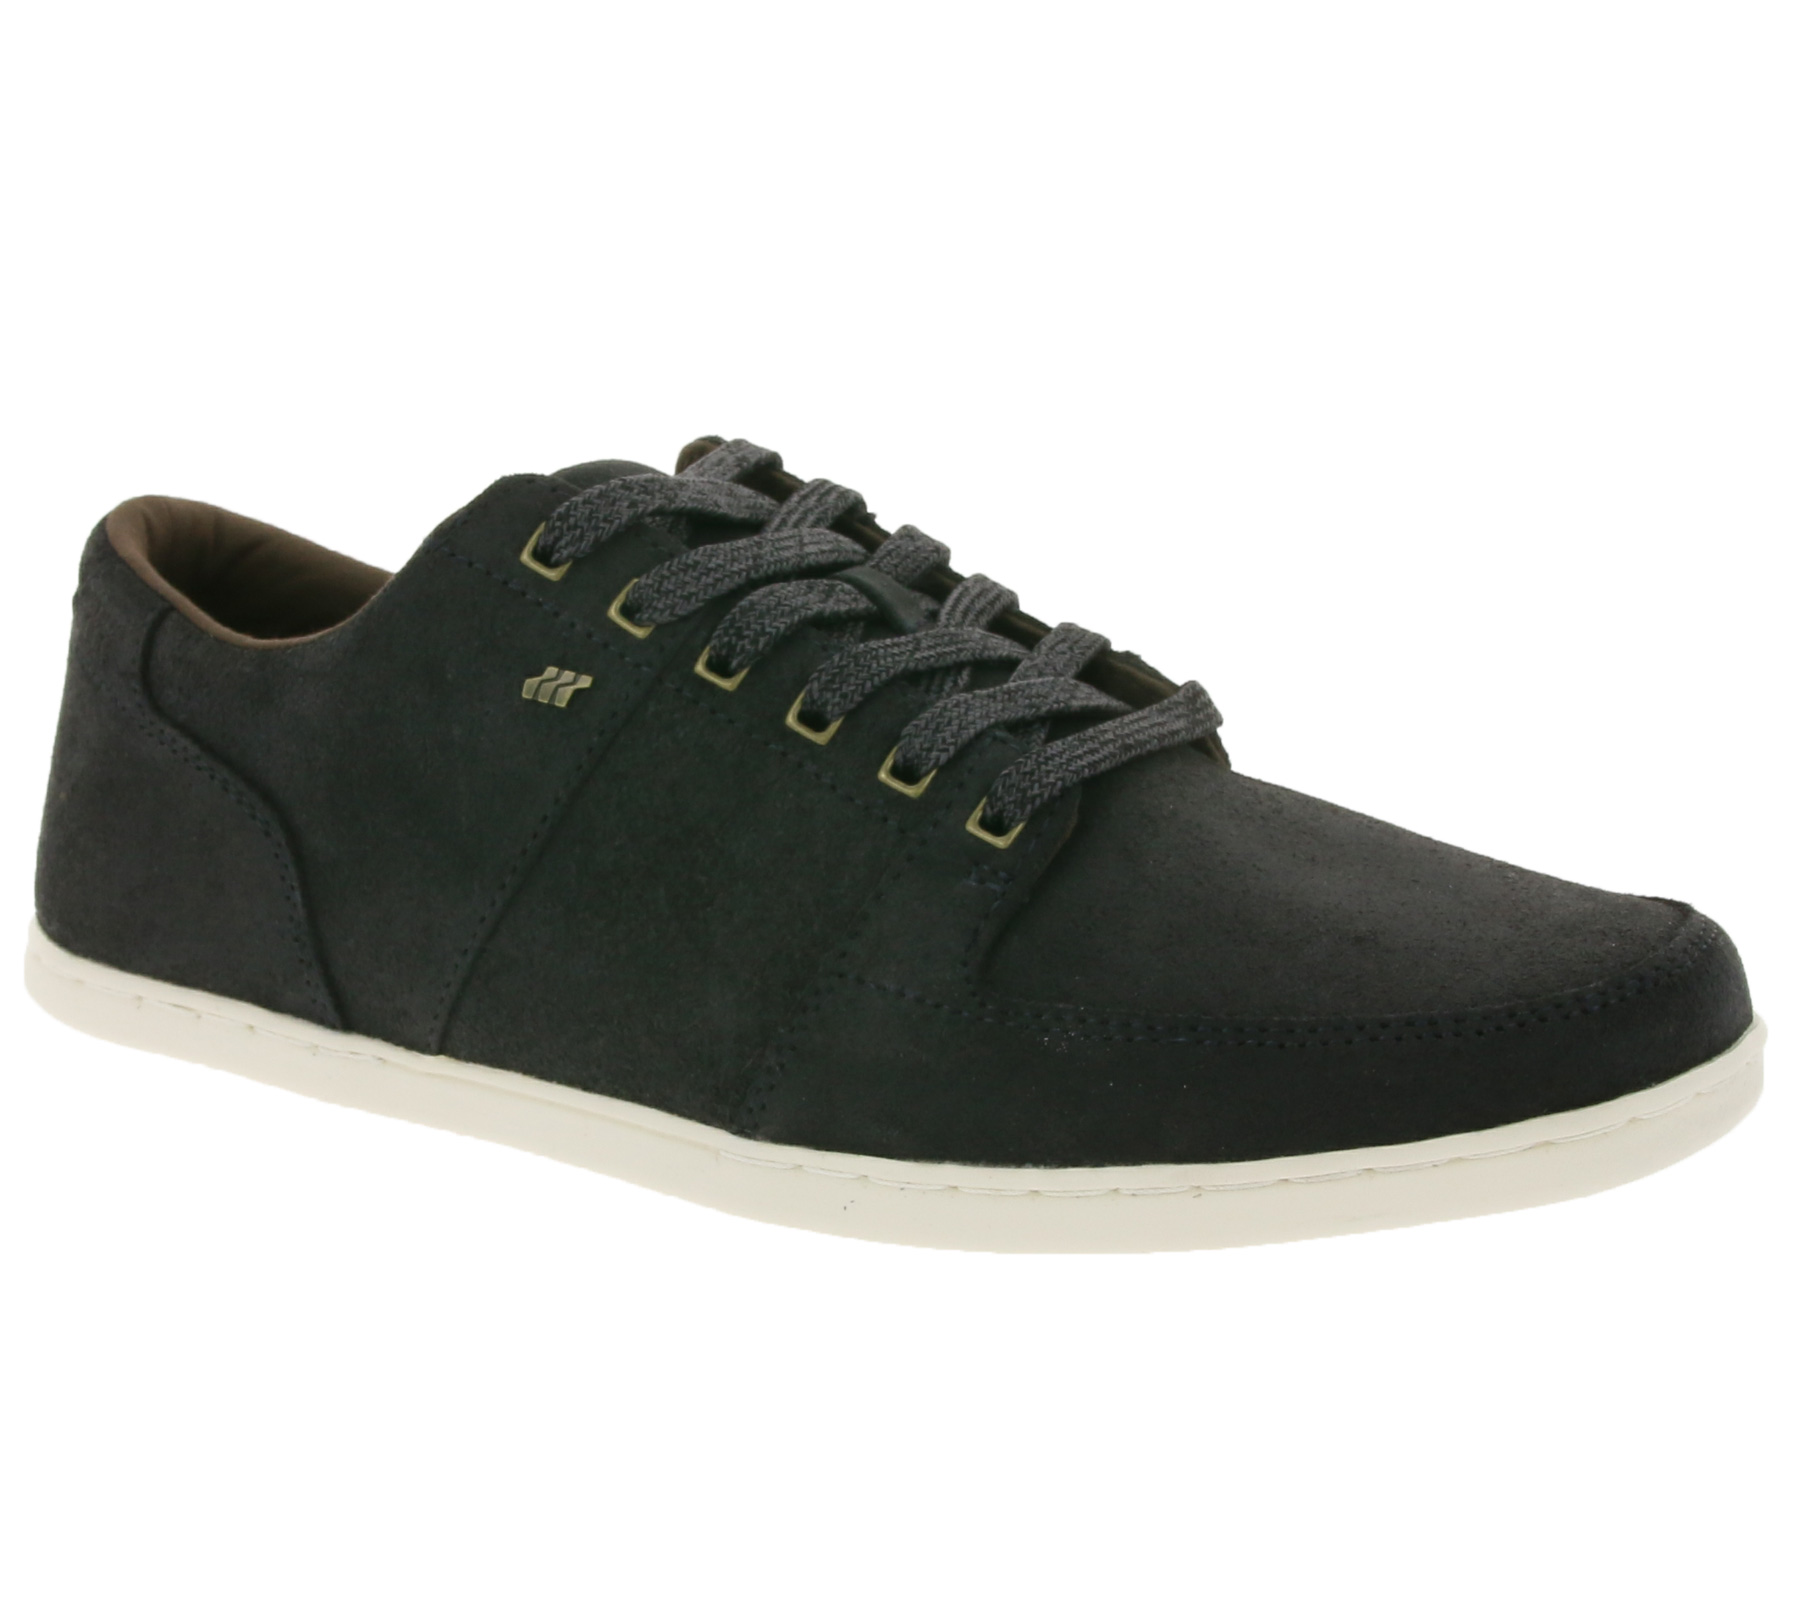 online Herren SALE kaufen RechnungO46 Schuhe auf im günstig QoEdCxWrBe